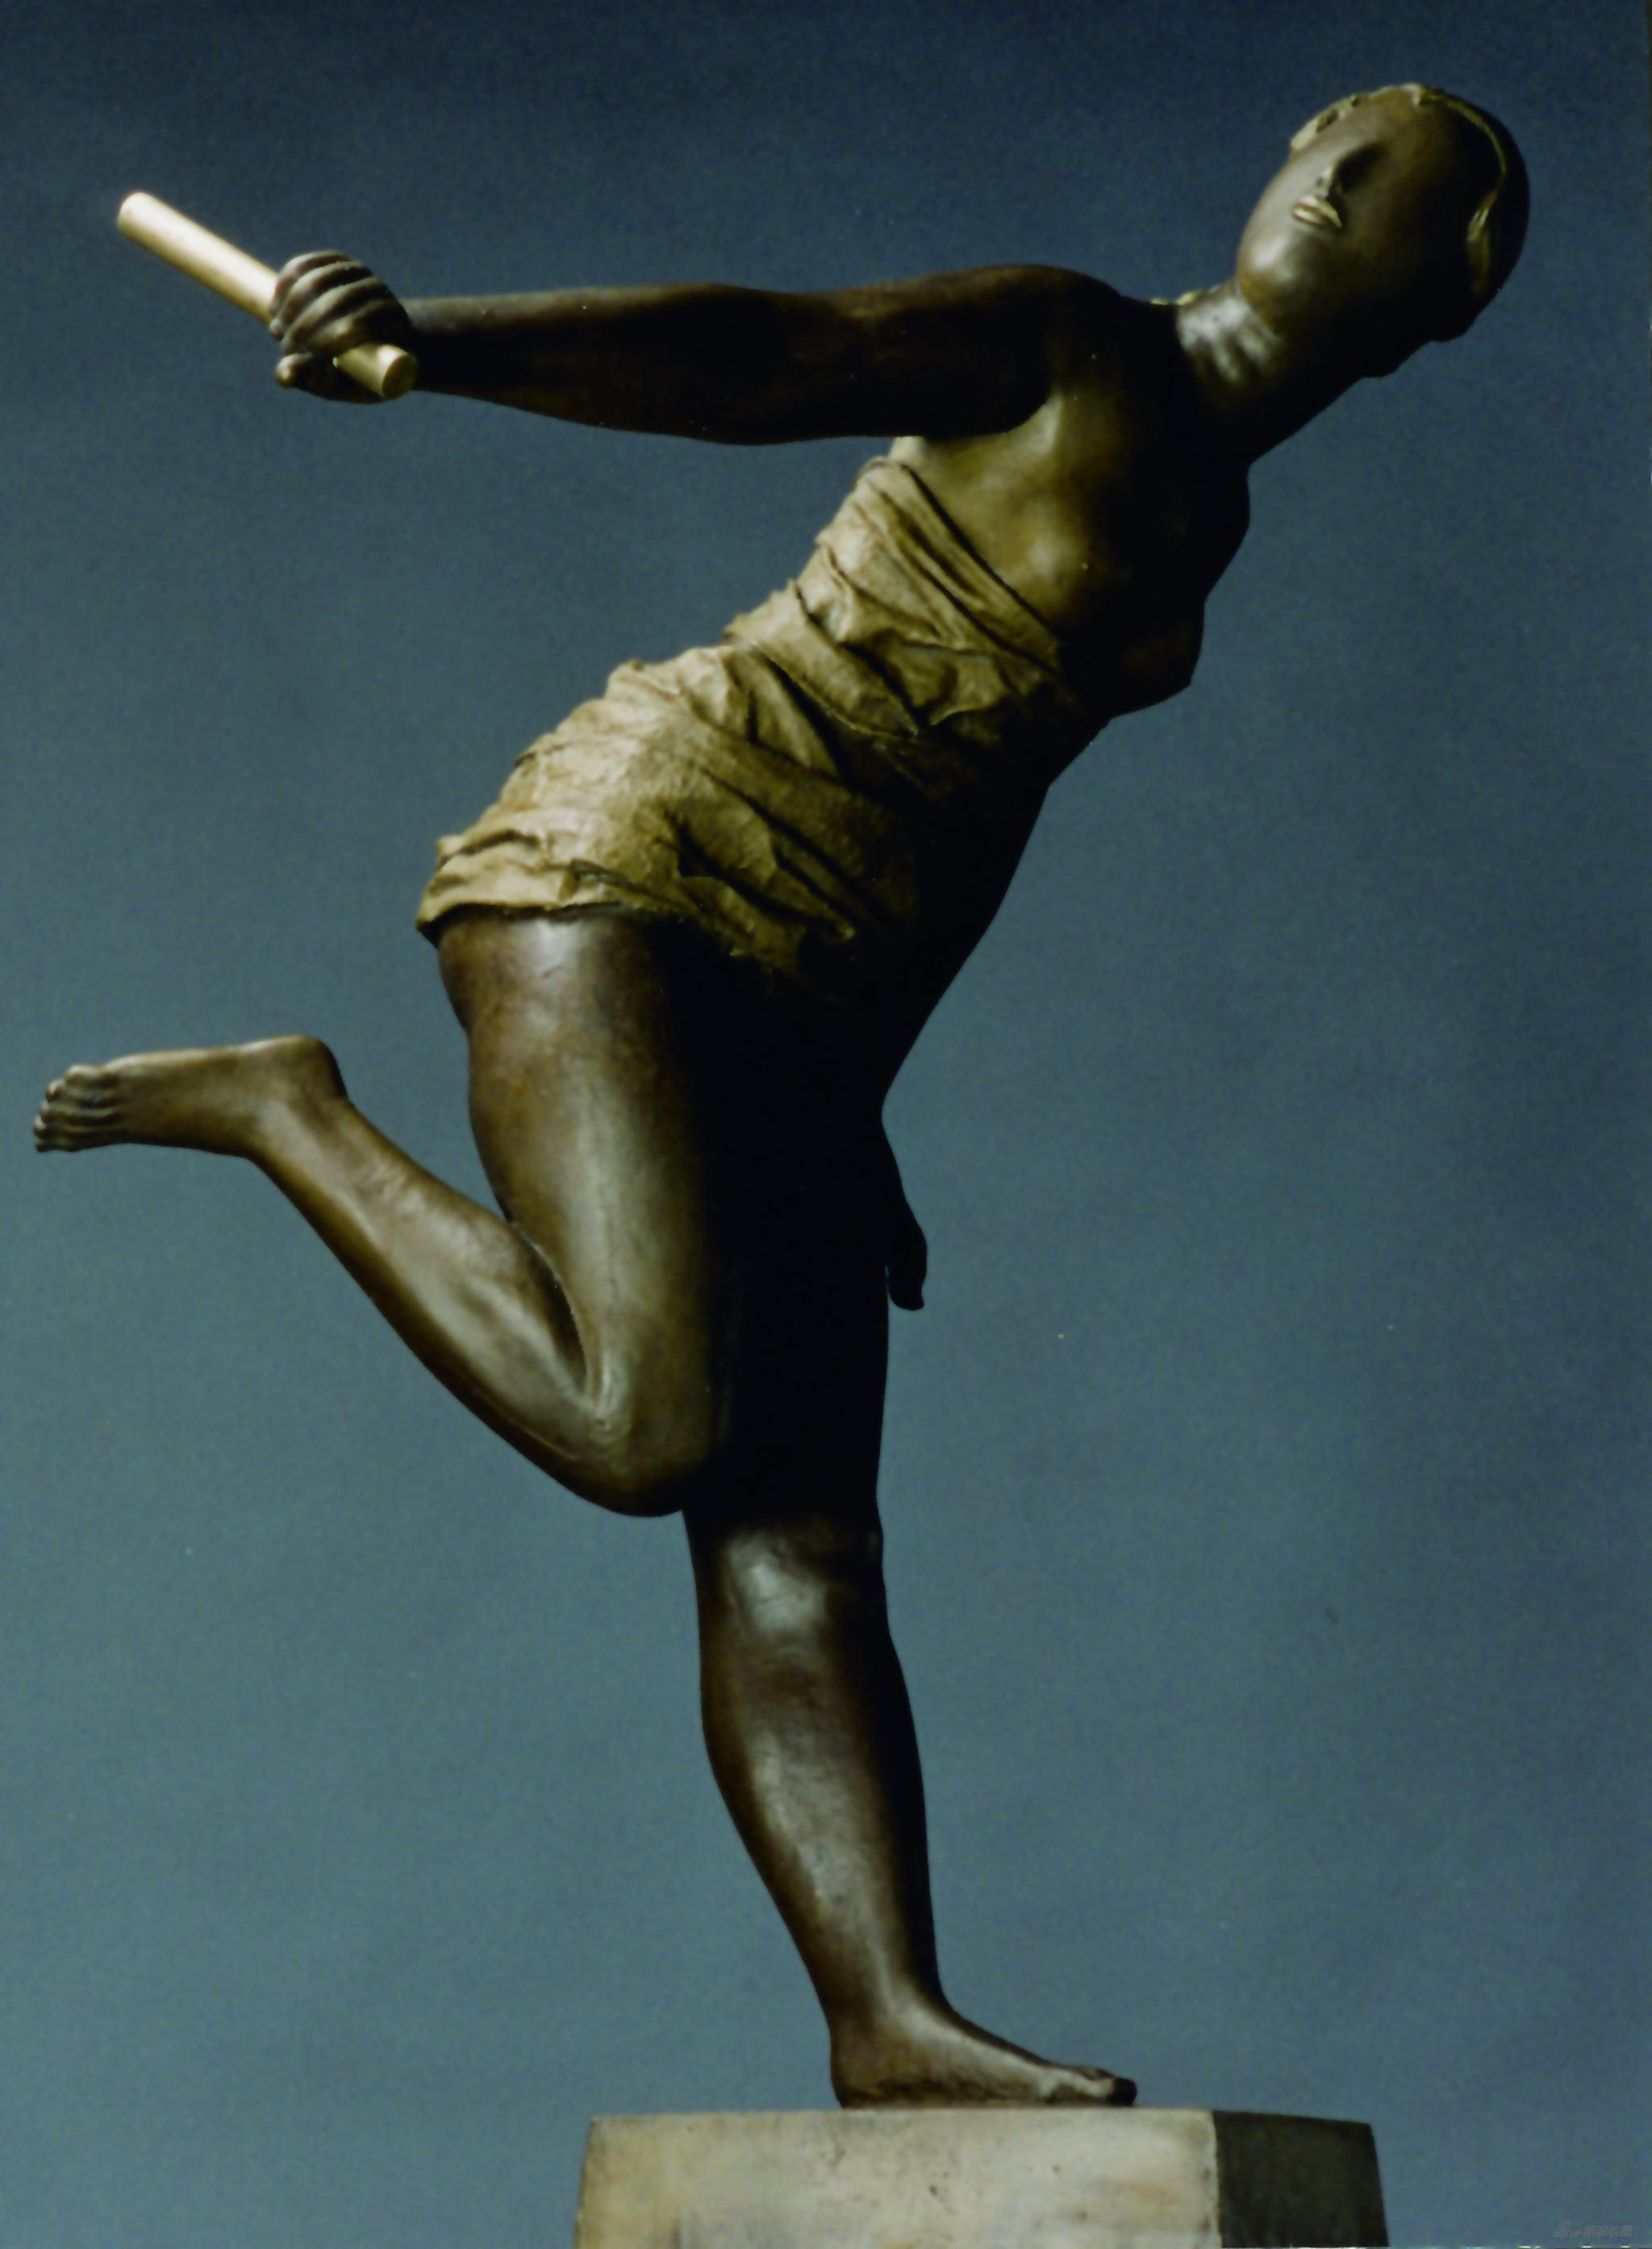 李象群《接力者》材质:铸铜,创作年代:1997年,尺寸:45x51x80cm